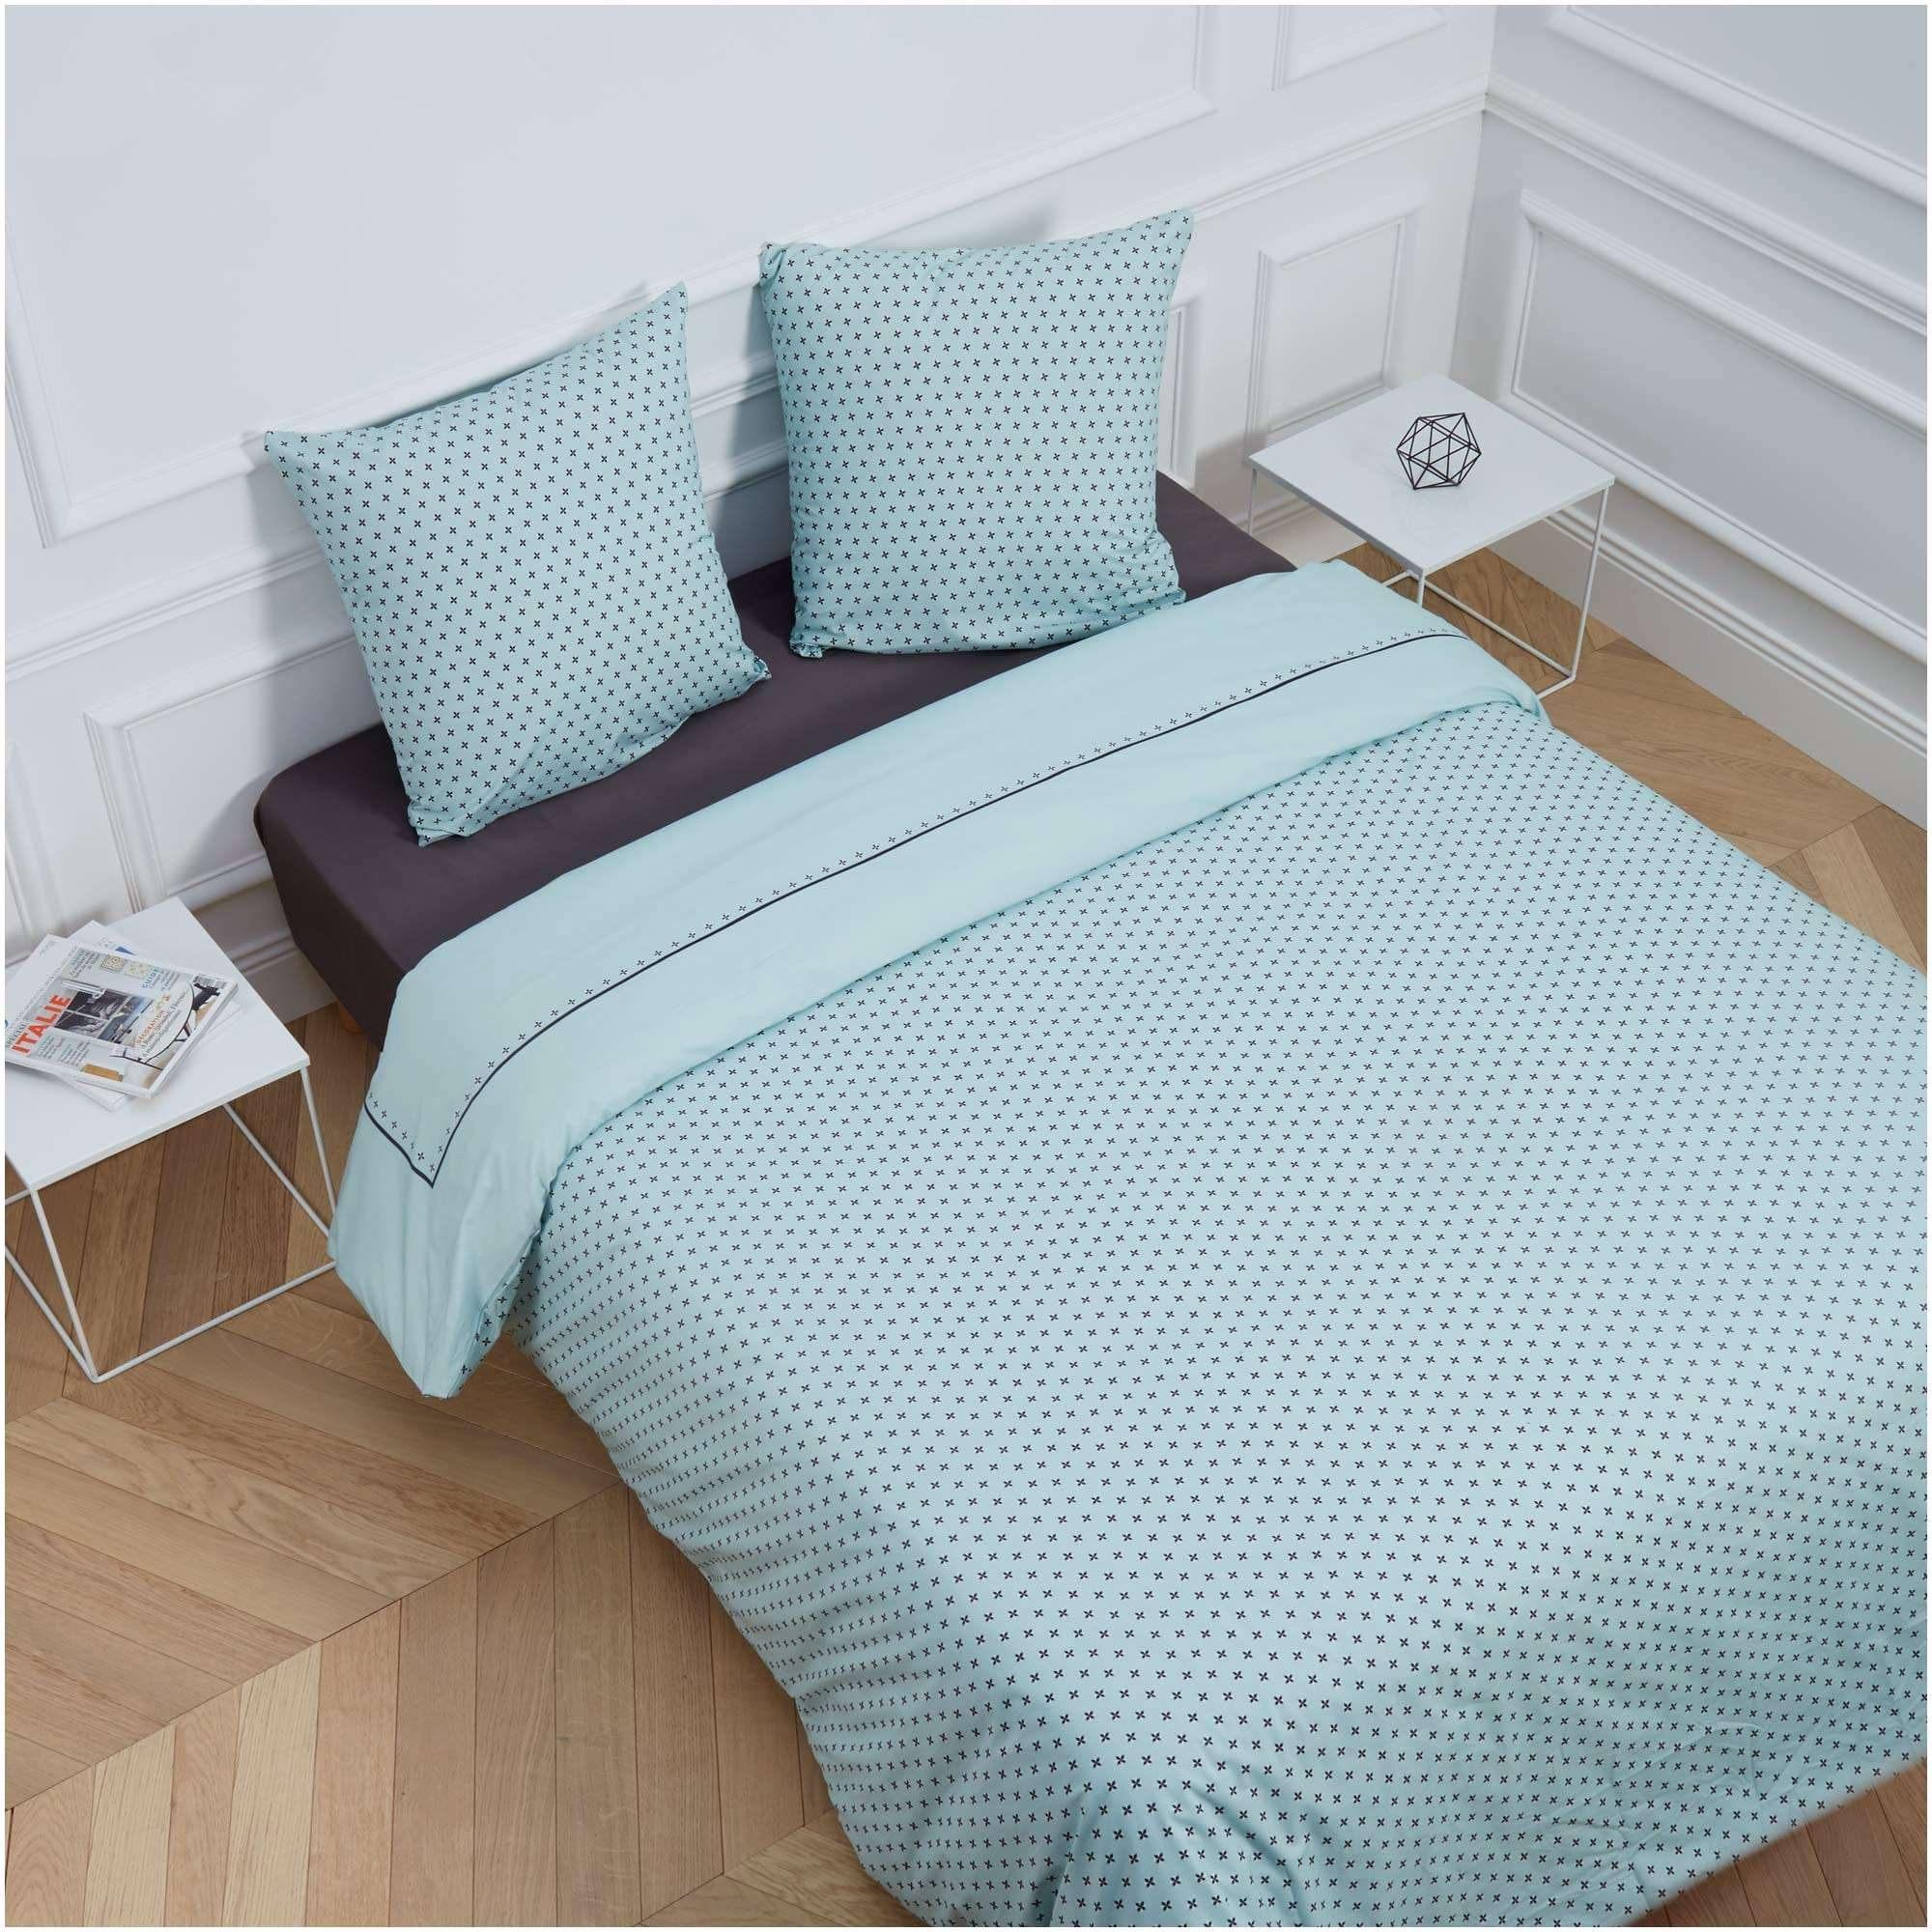 Beau Parure De Lit 160x200 Maison Design Apsip Pour Option Parure